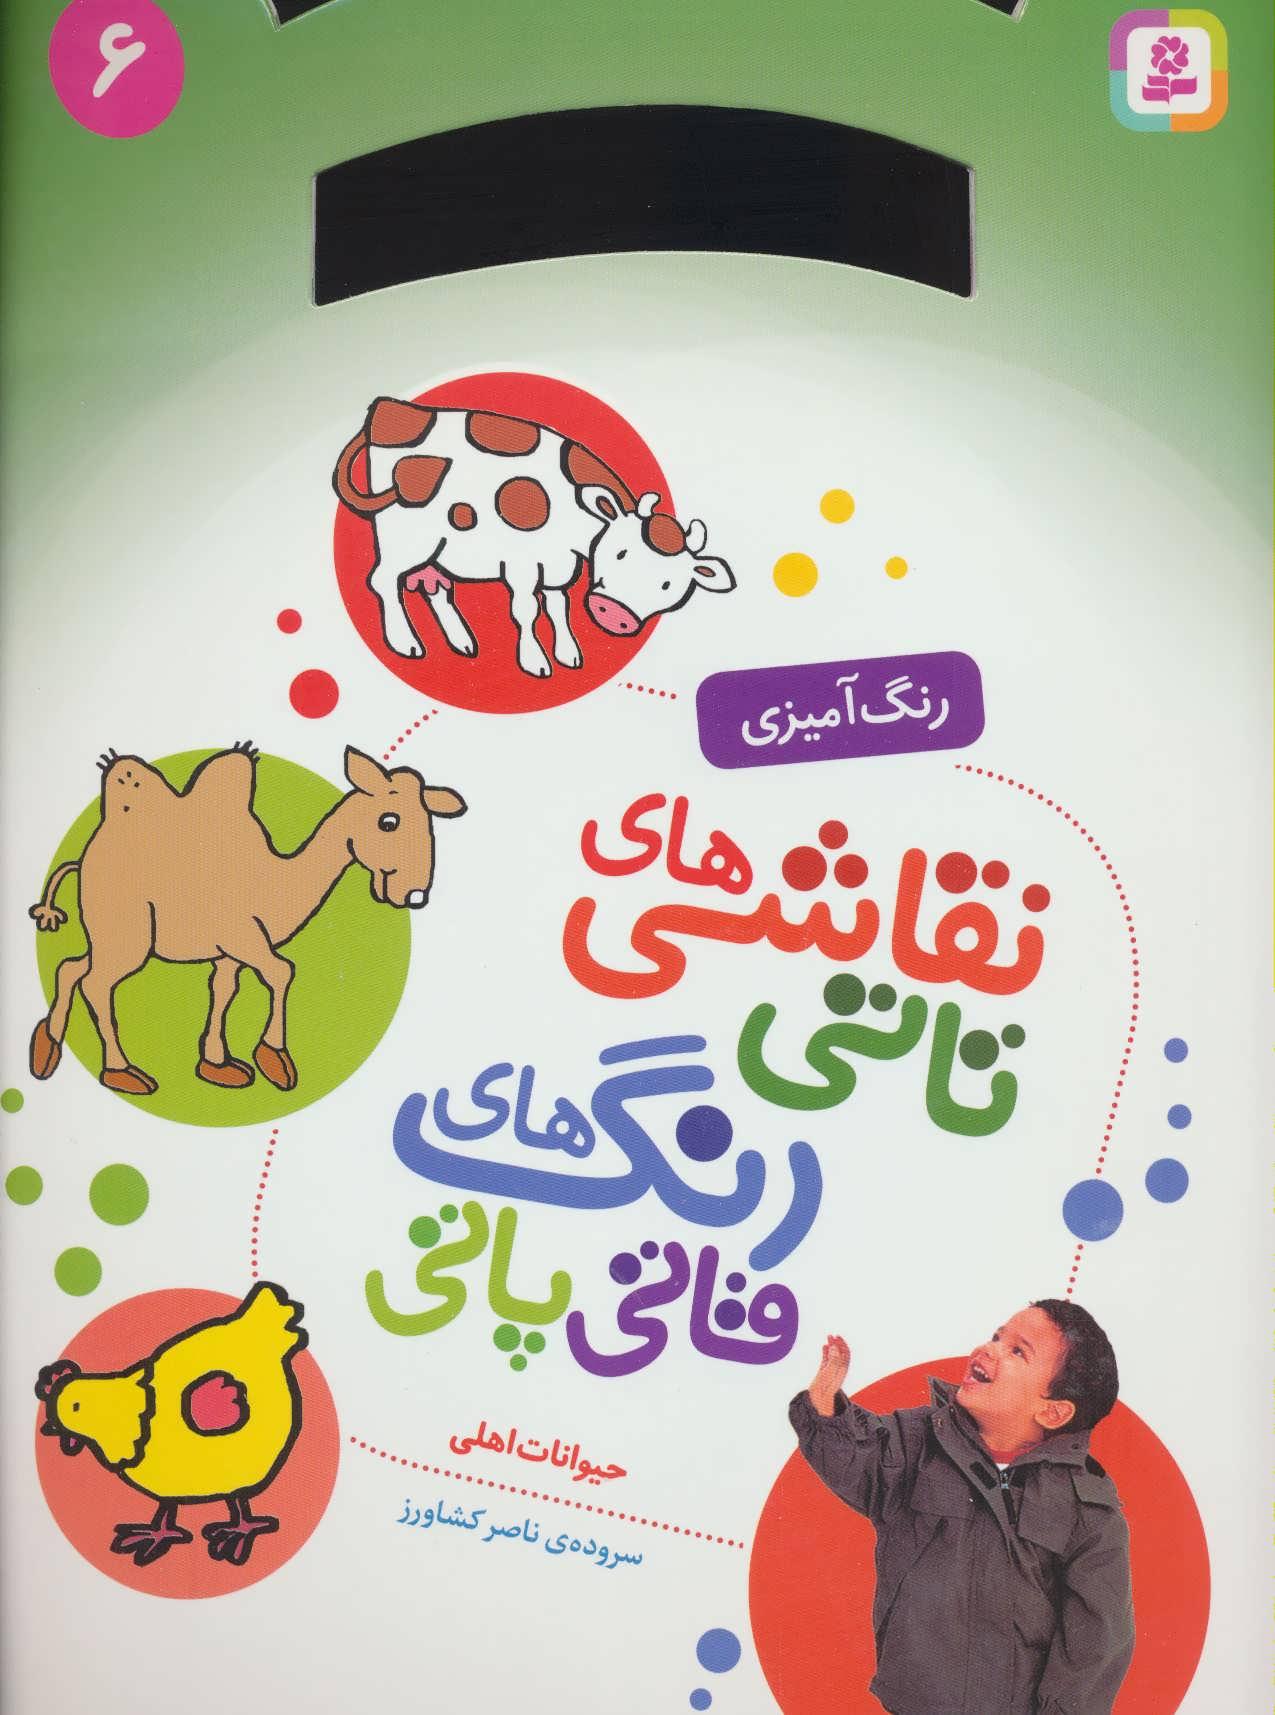 نقاشی های تاتی رنگ های قاتی پاتی 6 (حیوانات اهلی)